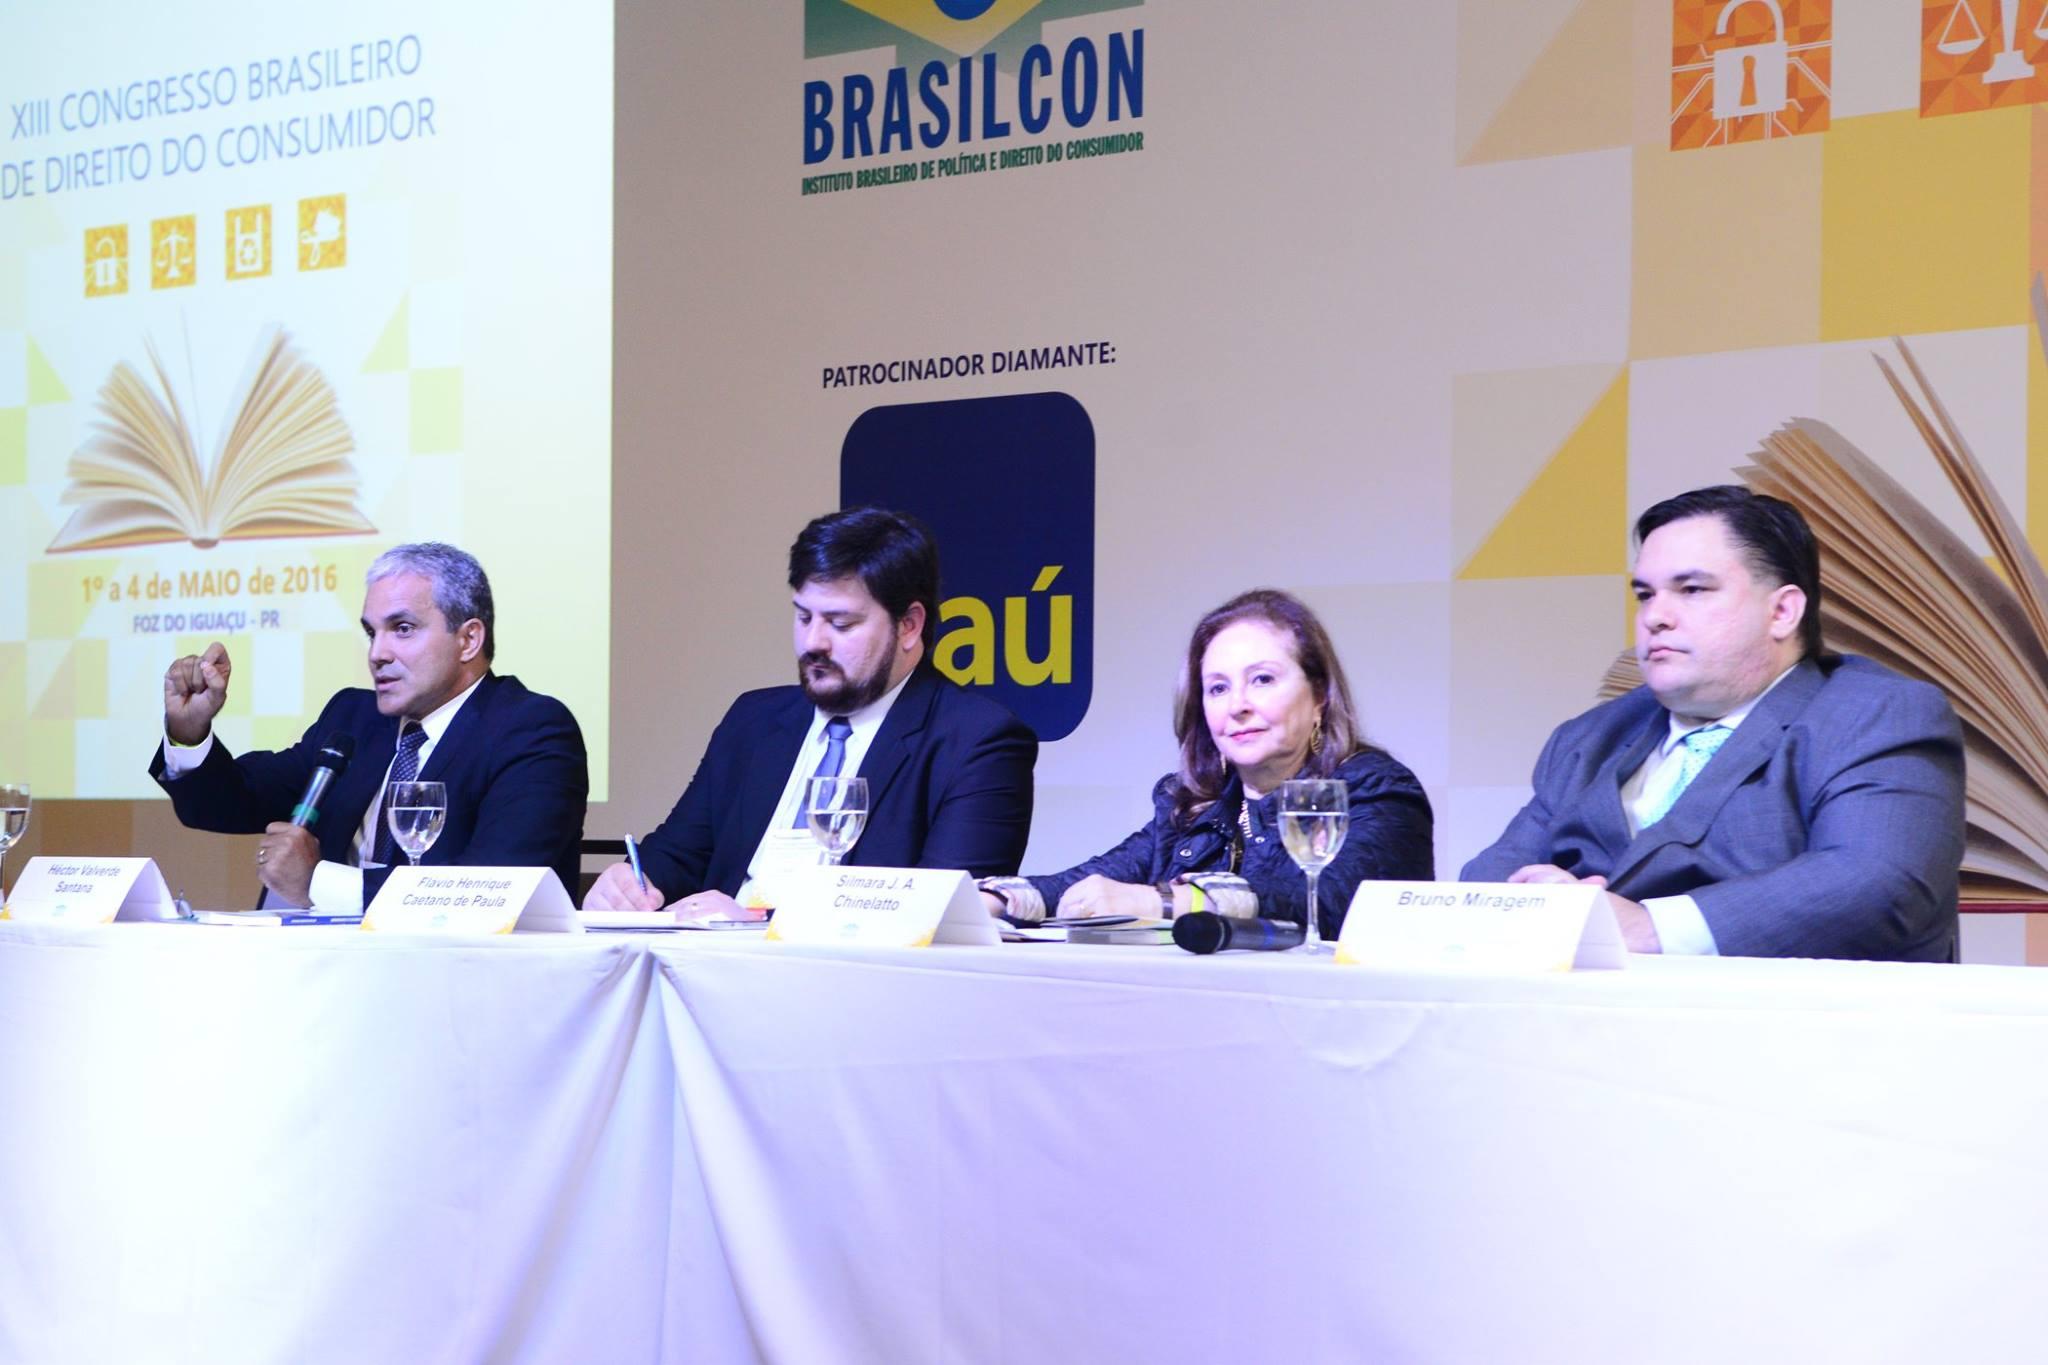 CONGRESSO BRASILEIRO DE DIREITO DO CONSUMIDOR DEBATE DANO MORAL